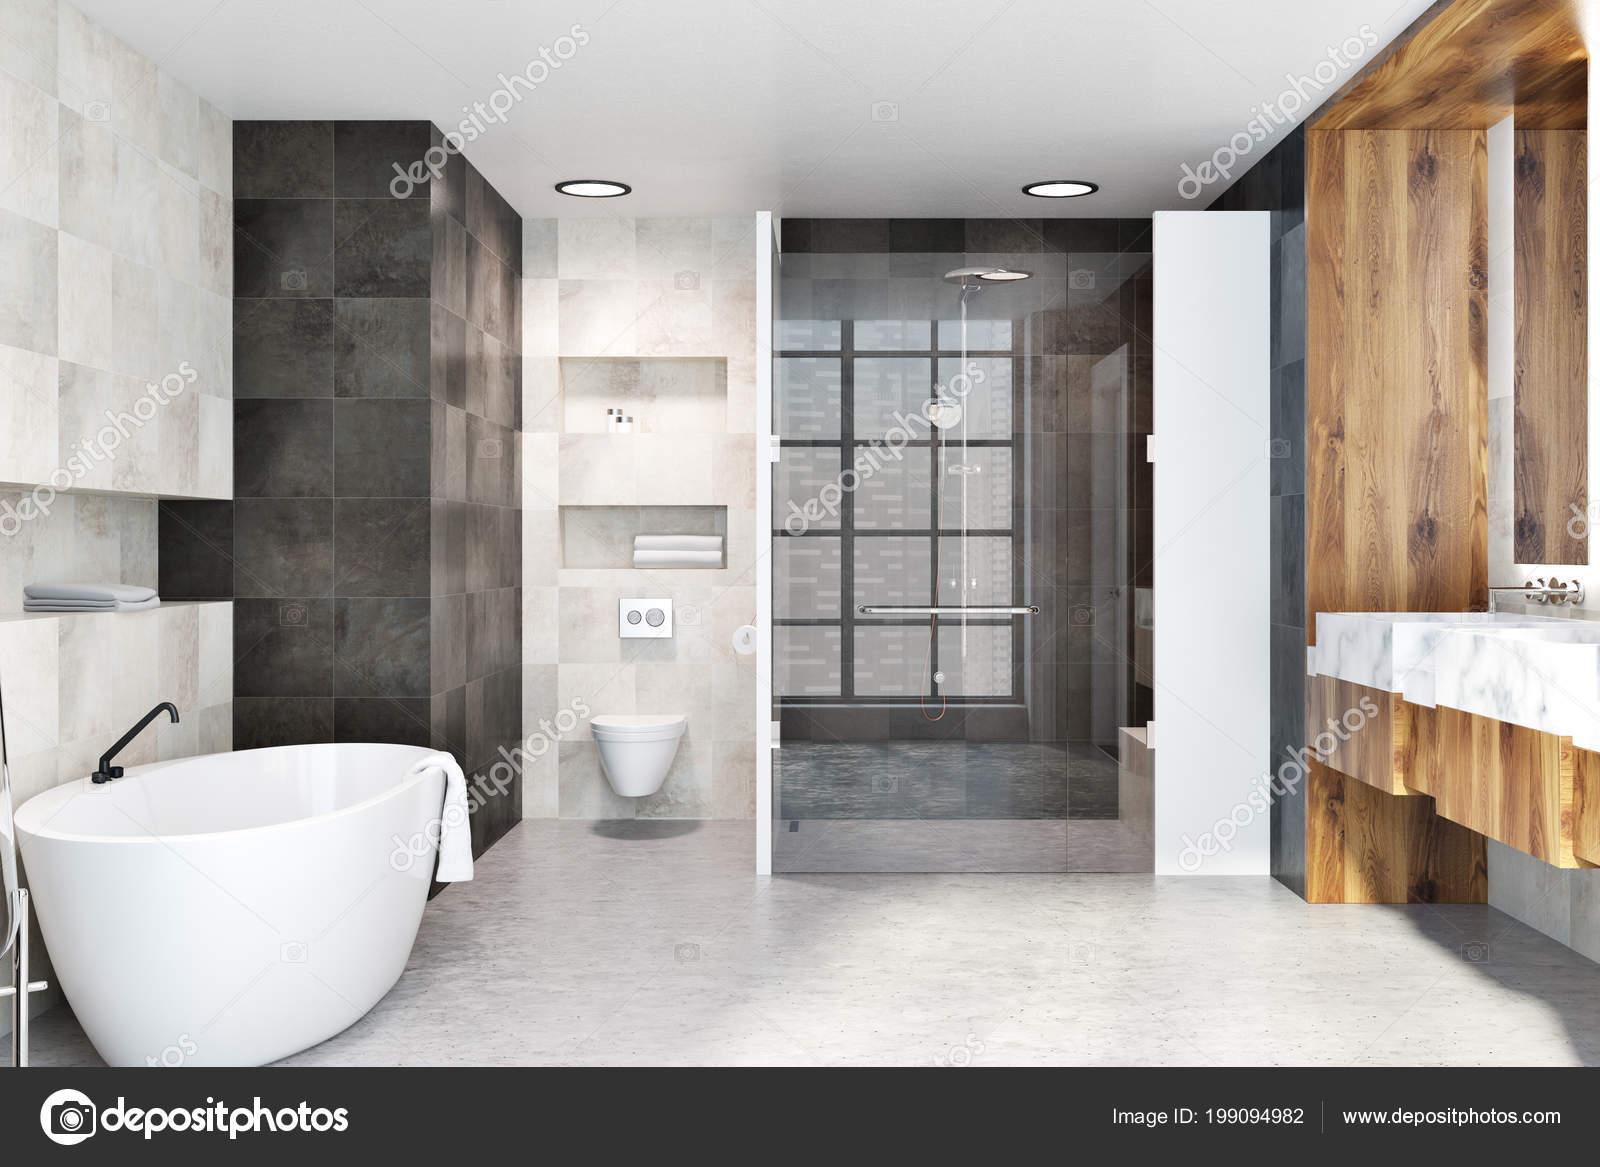 Klassische Badezimmer Einrichtung Mit Weißen Und Schwarzen Fliesen ...